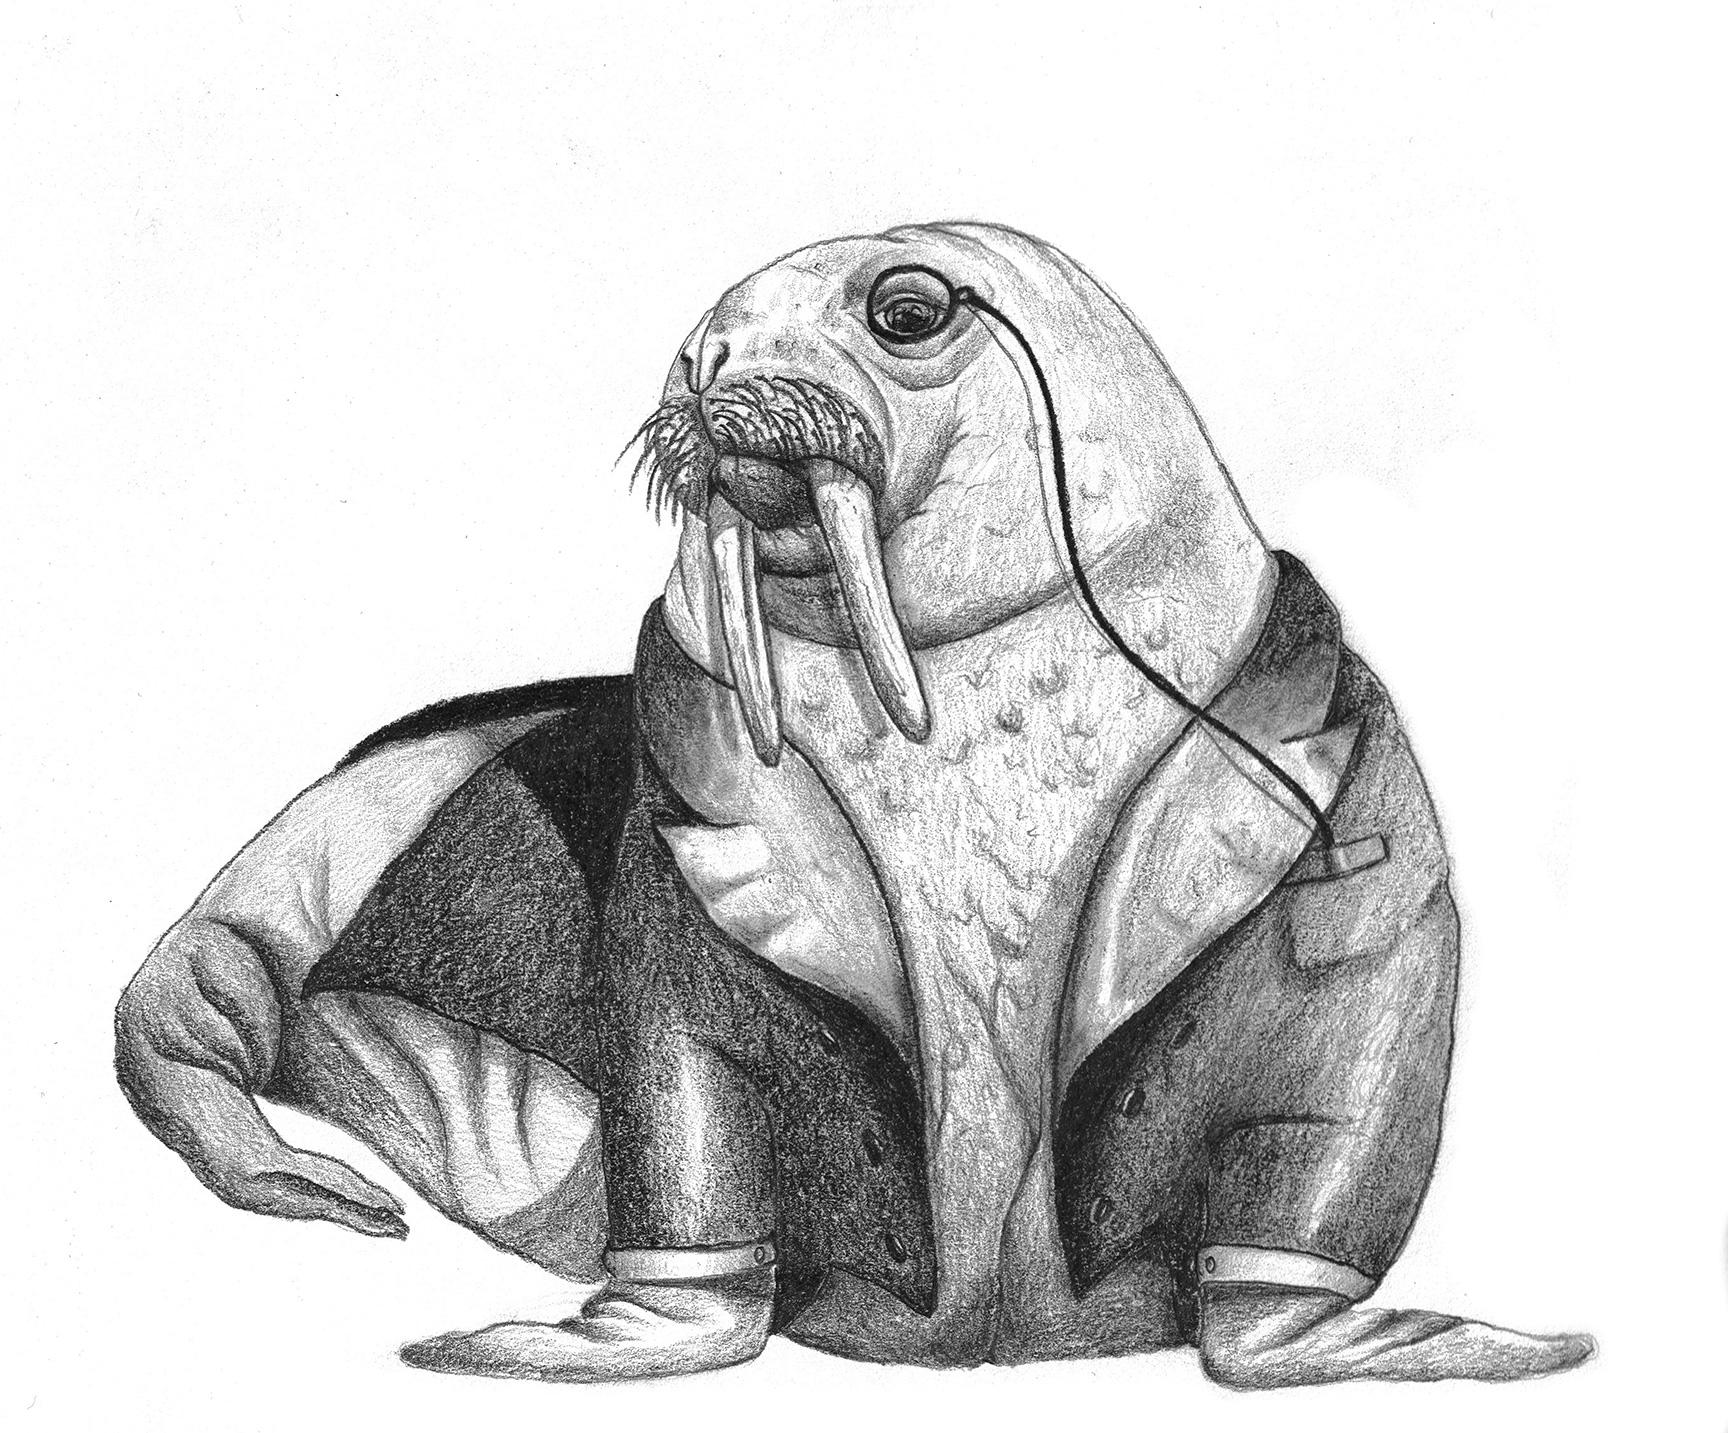 Walrus by LK Weiss